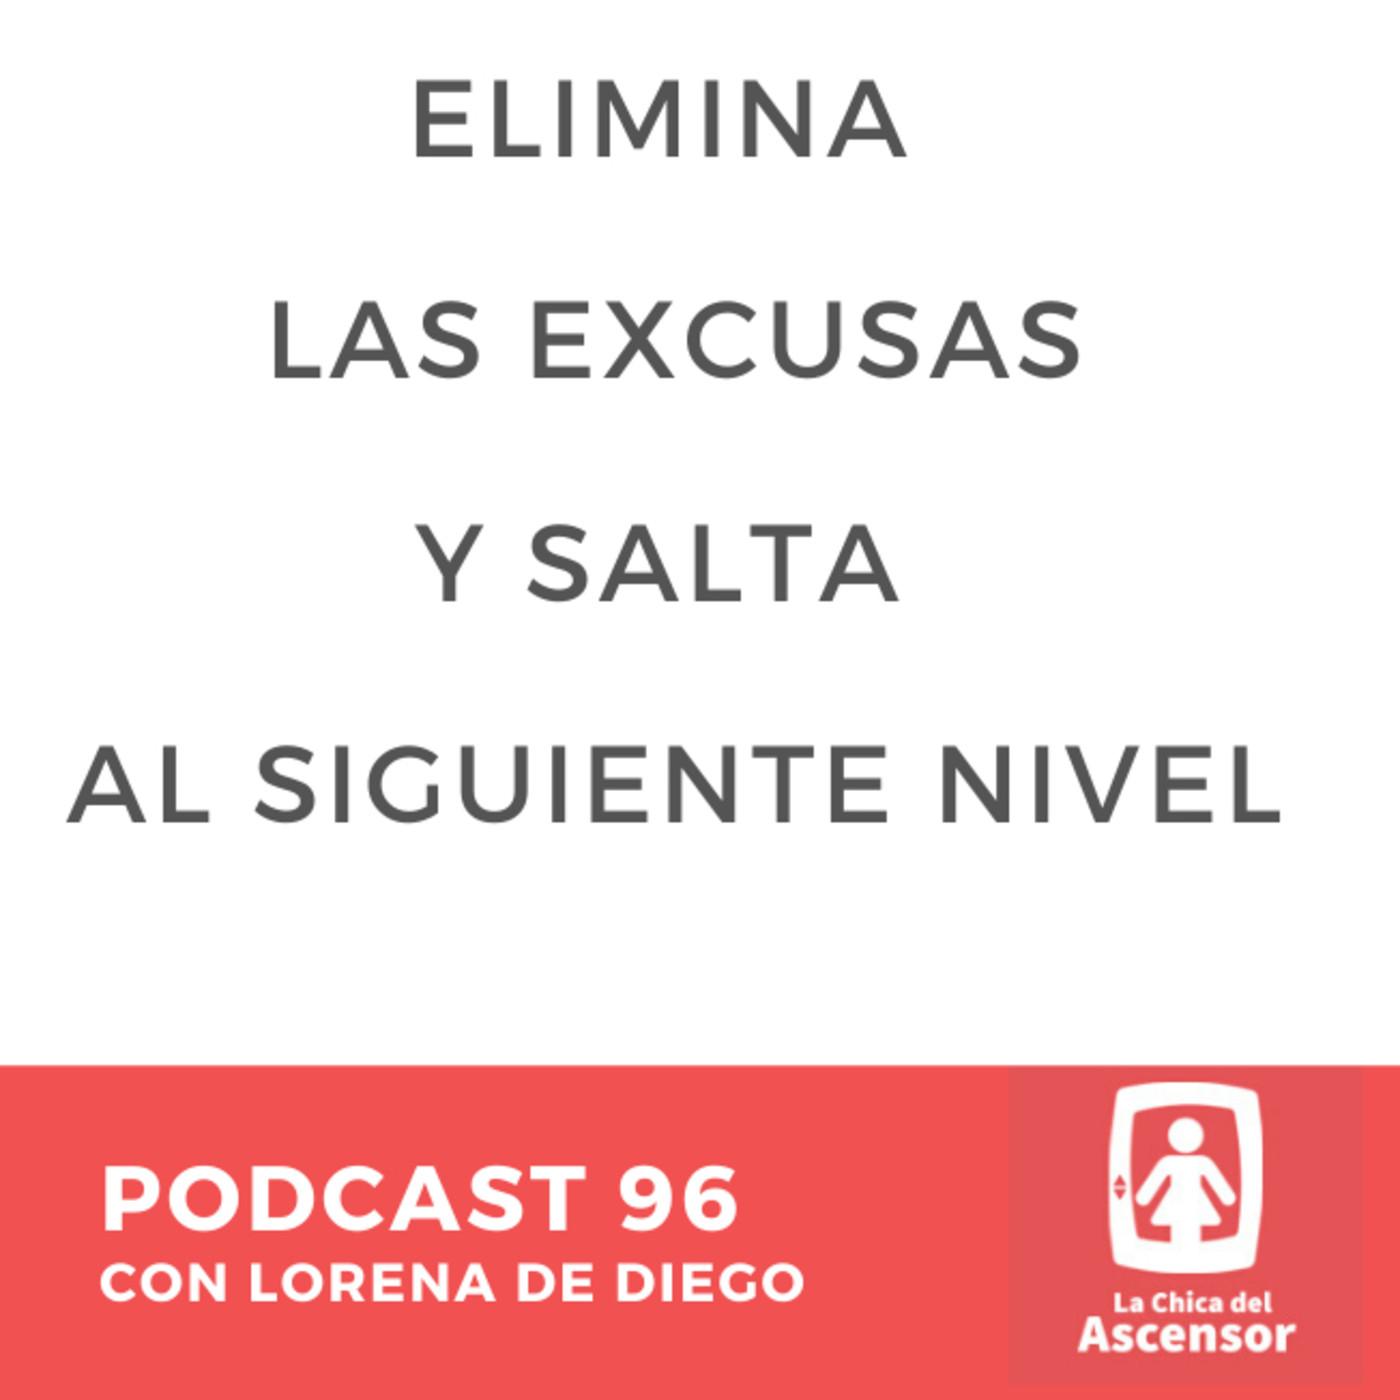 96 - Elimina las excusas y salta al siguiente nivel en productividad